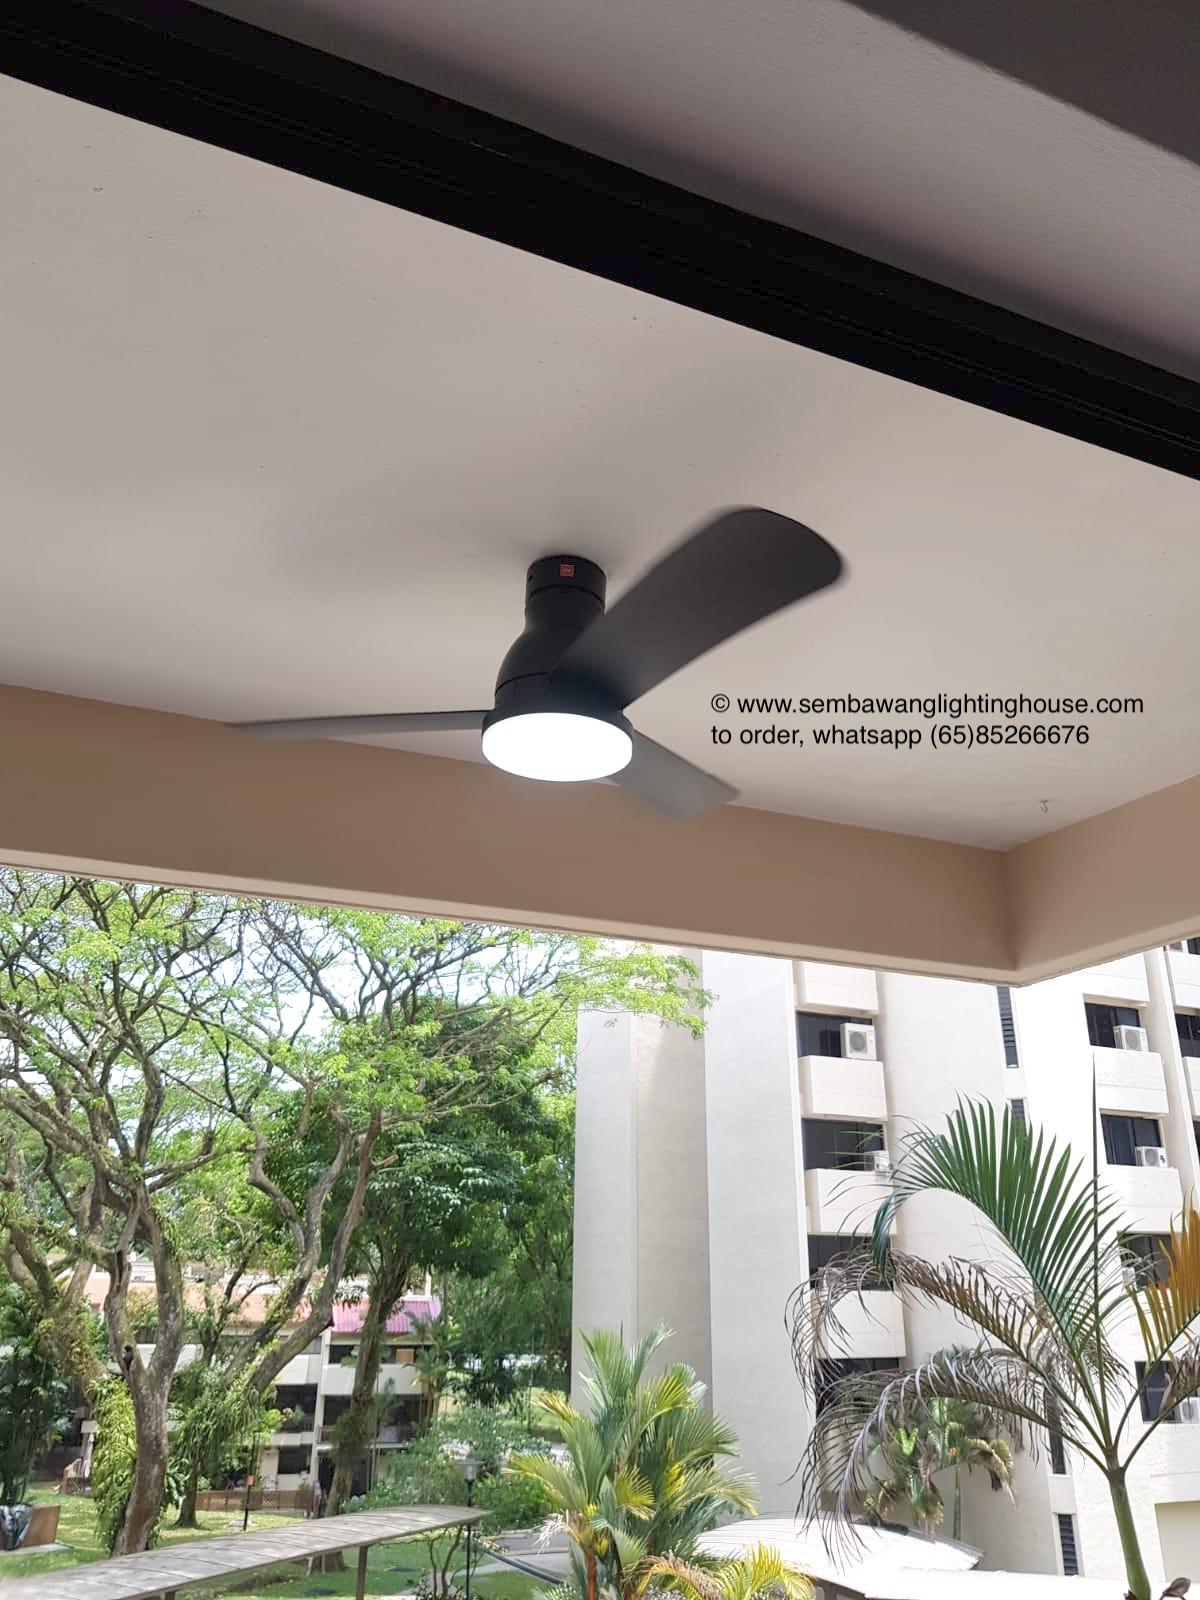 kdk-u48fp-black-ceiling-fan-sembawang-lighting-house-sample-01.jpg